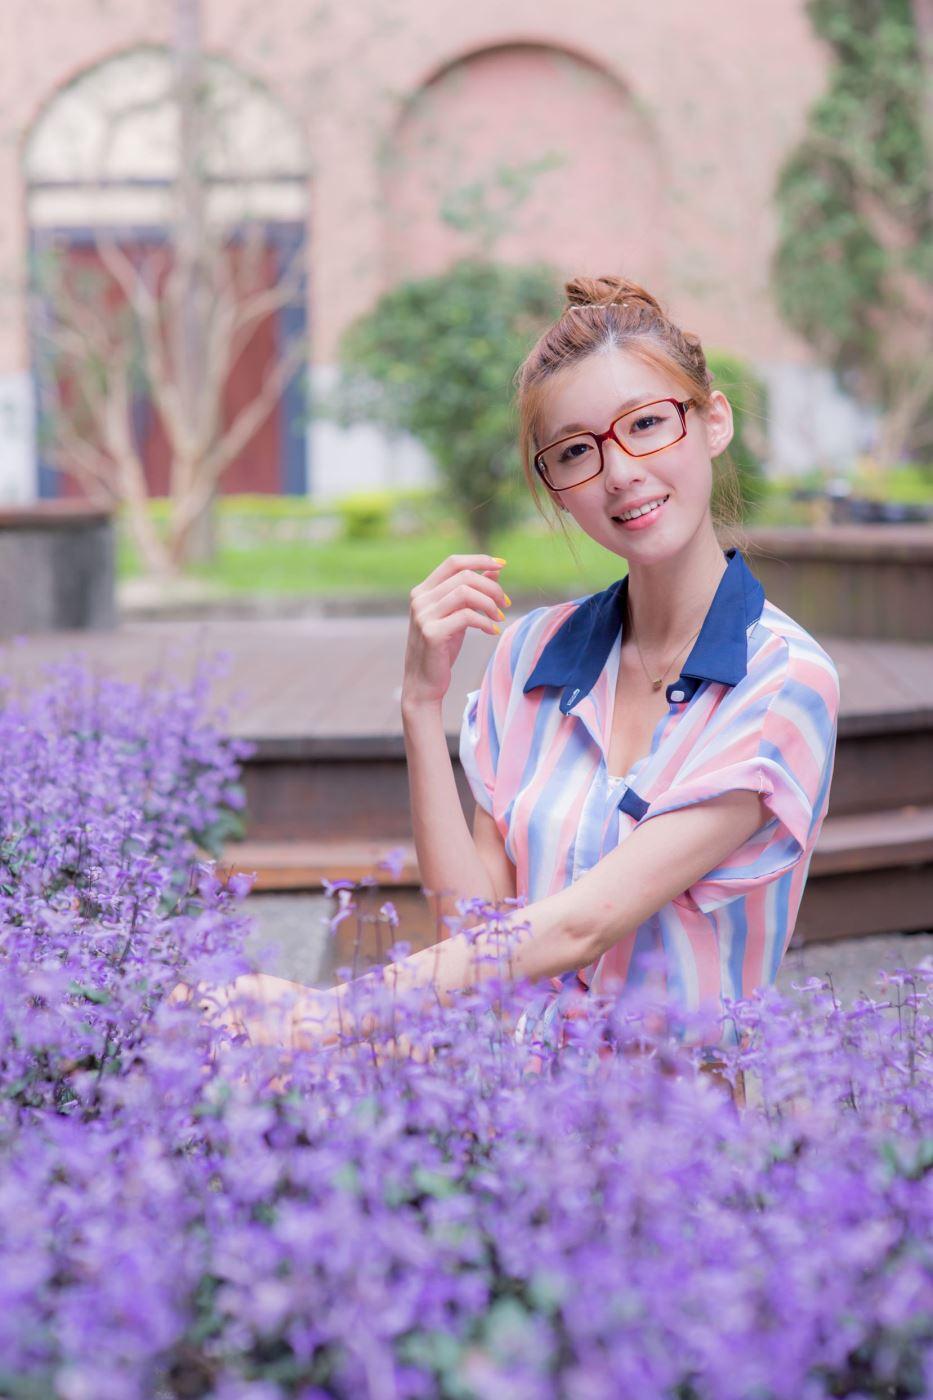 台湾校花美女kila晶晶少女心主题小清新女神唯美写真图片